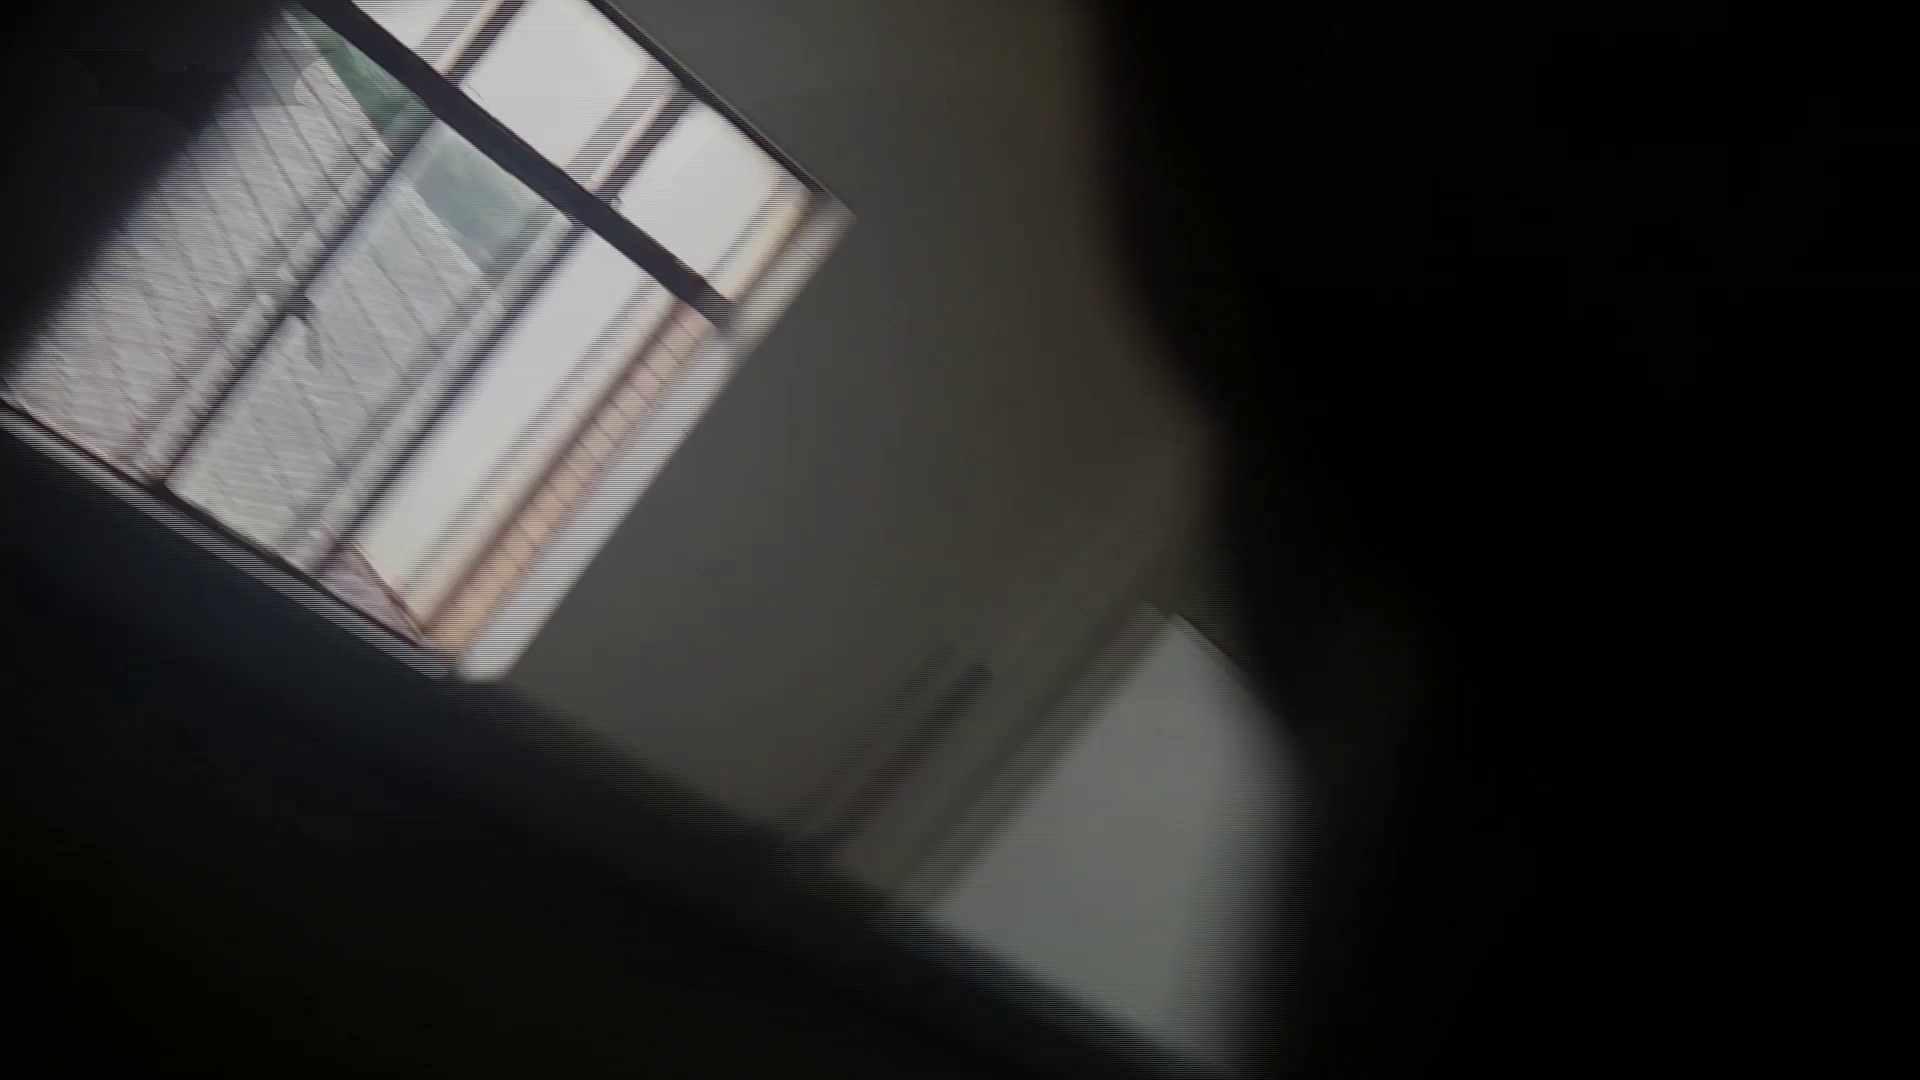 潜入!!台湾名門女学院 Vol.04 二ケツ同時撮り!! 盗撮映像大放出 | エロくん潜入  67連発 29